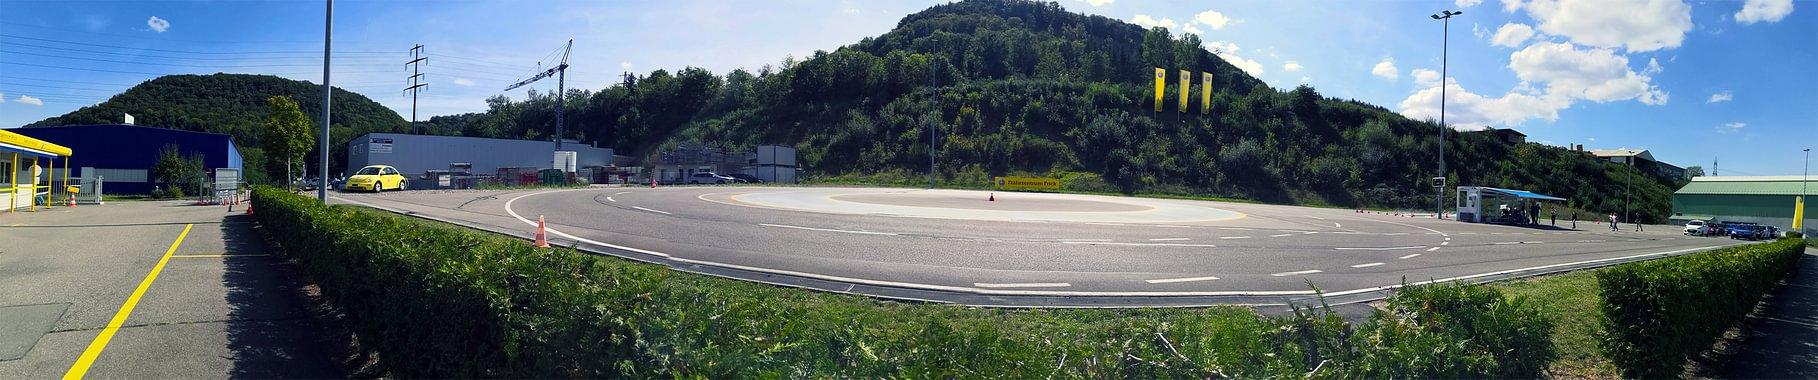 TCS Fahrzentrum Frick - Panoramabild Fahrpiste